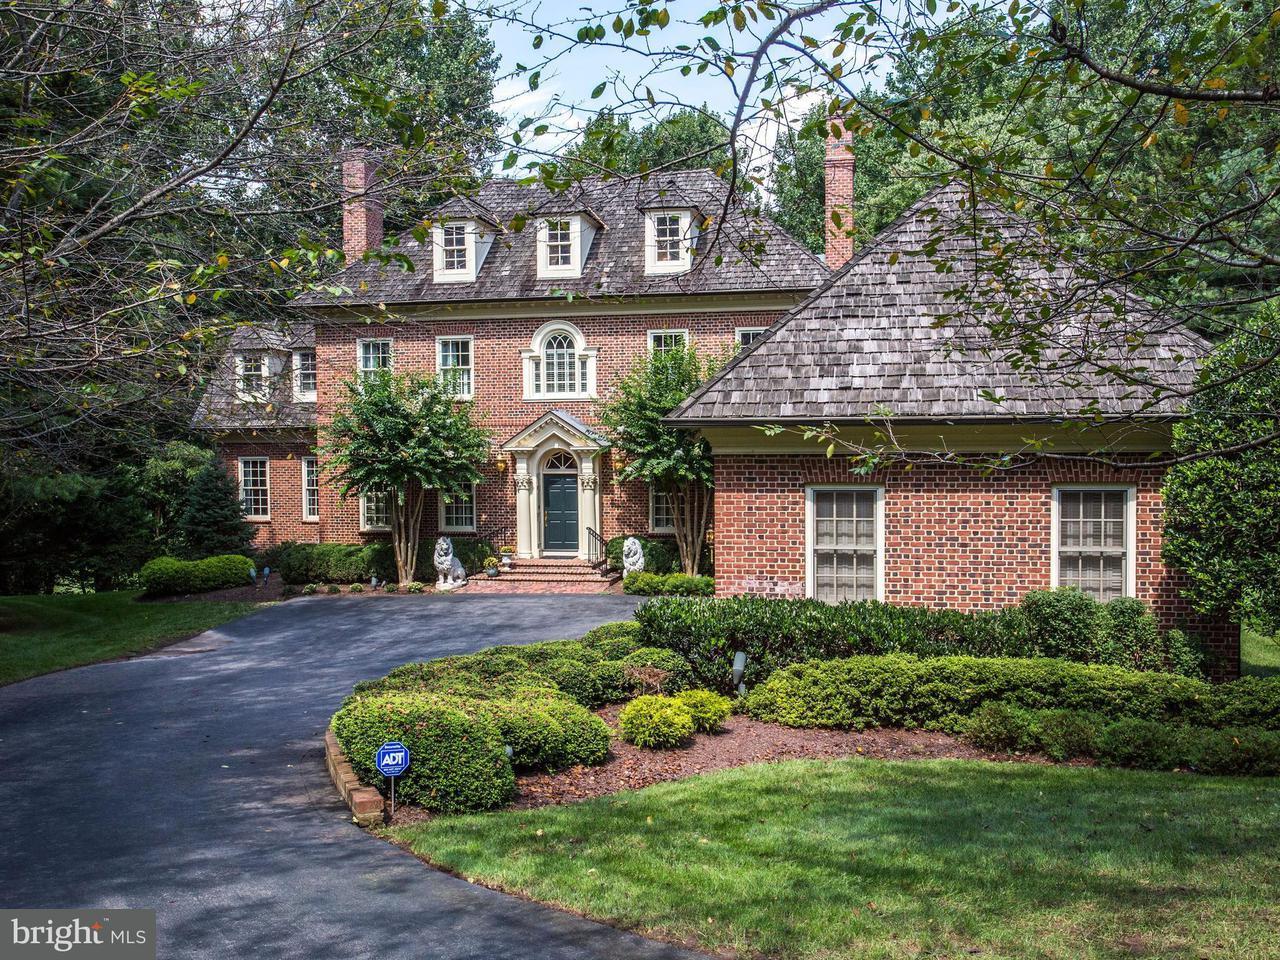 Single Family Home for Sale at 7113 Natelli Woods Lane 7113 Natelli Woods Lane Bethesda, Maryland 20817 United States